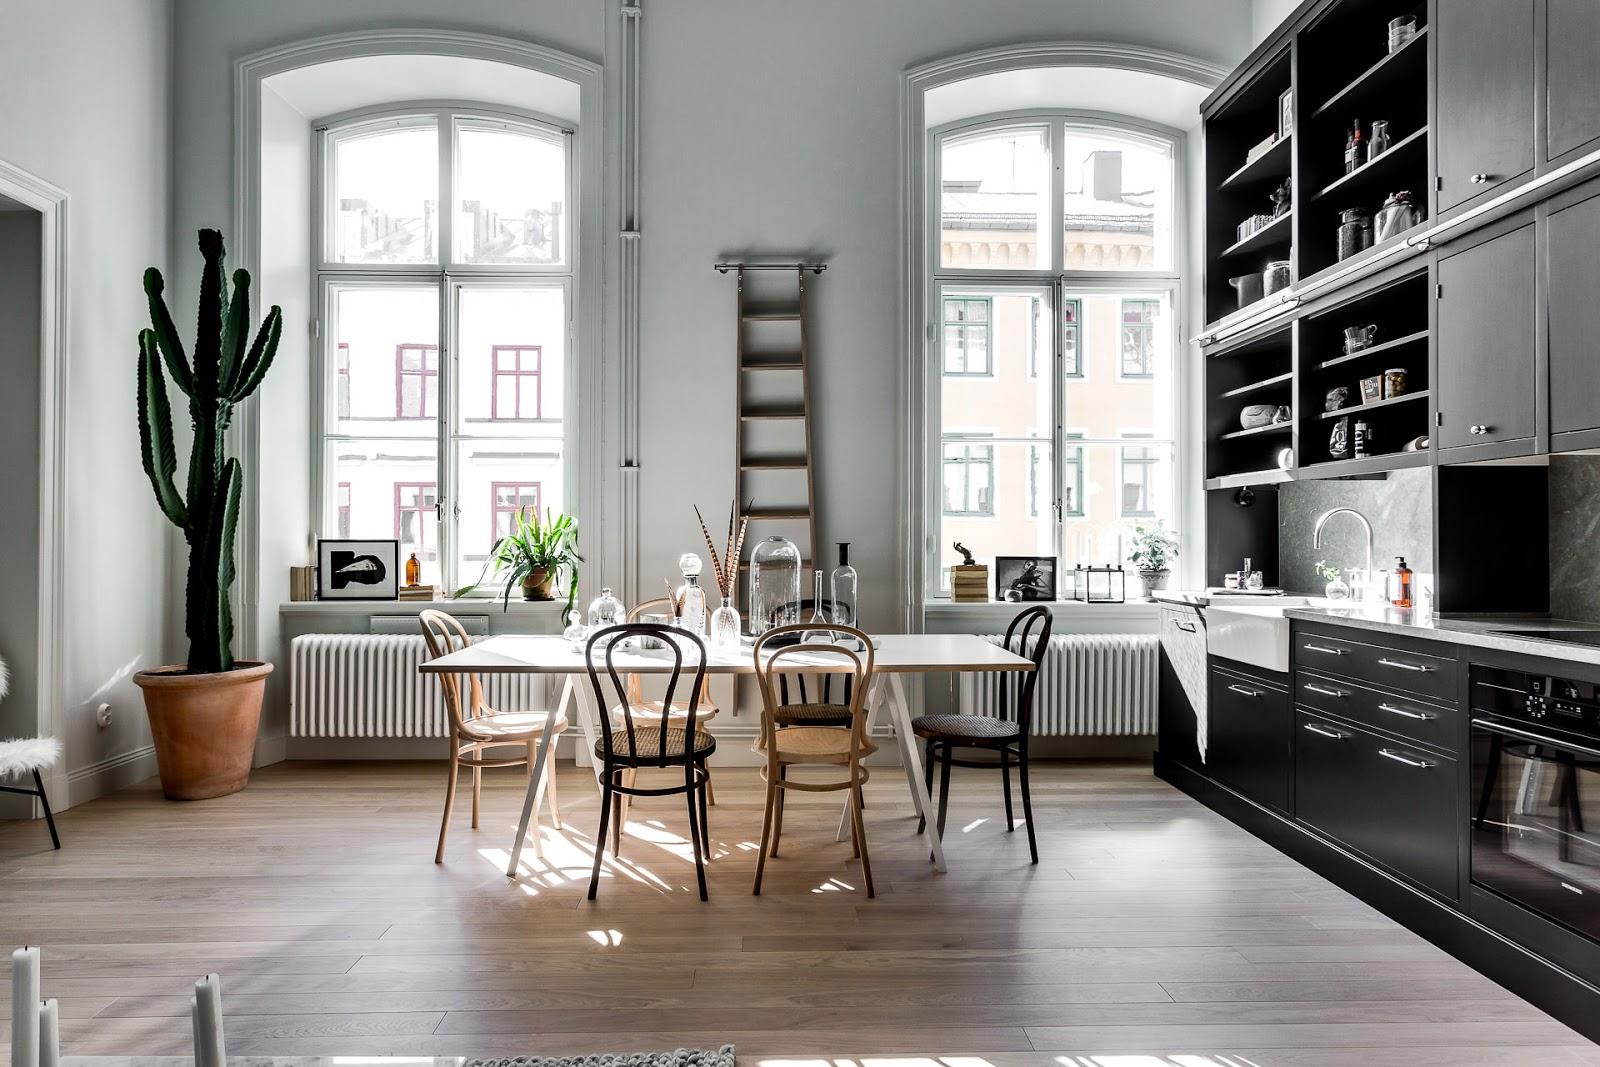 Almacenamiento extra en la cocina | Alquimia Deco